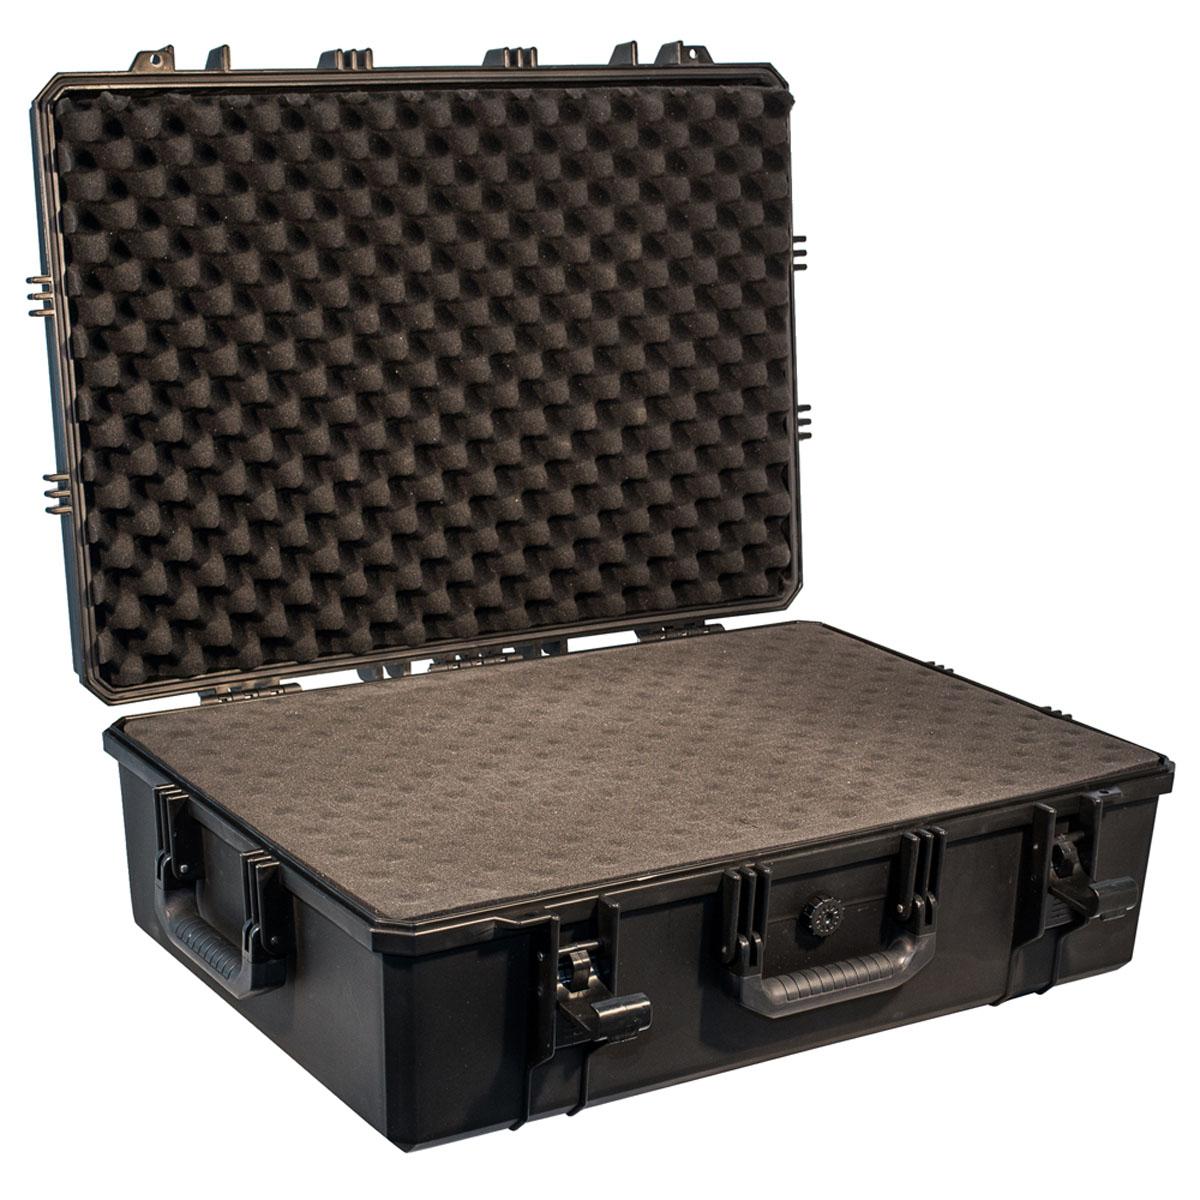 Кейс противоударный PRO-4x4 №8, влагозащищенный, 72 x 51,5 x 24,5 см, цвет: черныйPRO-BXF-B07251Кейс №8 с поропластом - это один из самых больших кейсов, позволяющих разместить Ваше оборудование, предварительно подготовив для него ложемент. Защищенные кейсы PRO-4x4 это надежный и проверенный способ сохранить в целостности дорогостоящее оборудование, требующее бережной транспортировки и гарантированной сохранности. Кейсы снабжены удобными и надежными ручками, в крышке имеется паз с резиновым уплотнением. Так же все кейсы PRO-4x4 имеют клапан выравнивания давления. Благодаря используемым материалам и технологии изготовления кейсы способны выдержать значительные ударные и статические нагрузки защищая свое содержимое от механических повреждений. Герметичность и пыле-влагозащищенность кейсов PRO-4x4 оградит дорогостоящую технику от агрессивной внешней среды и не позволит вывести ее из строя в процессе транспортировки. Великолепный внешний вид, потребительские свойства и непревзойдённое качество исполнения кейсов PRO-4x4 соответствуют запросам самых требовательных потребителей. В...